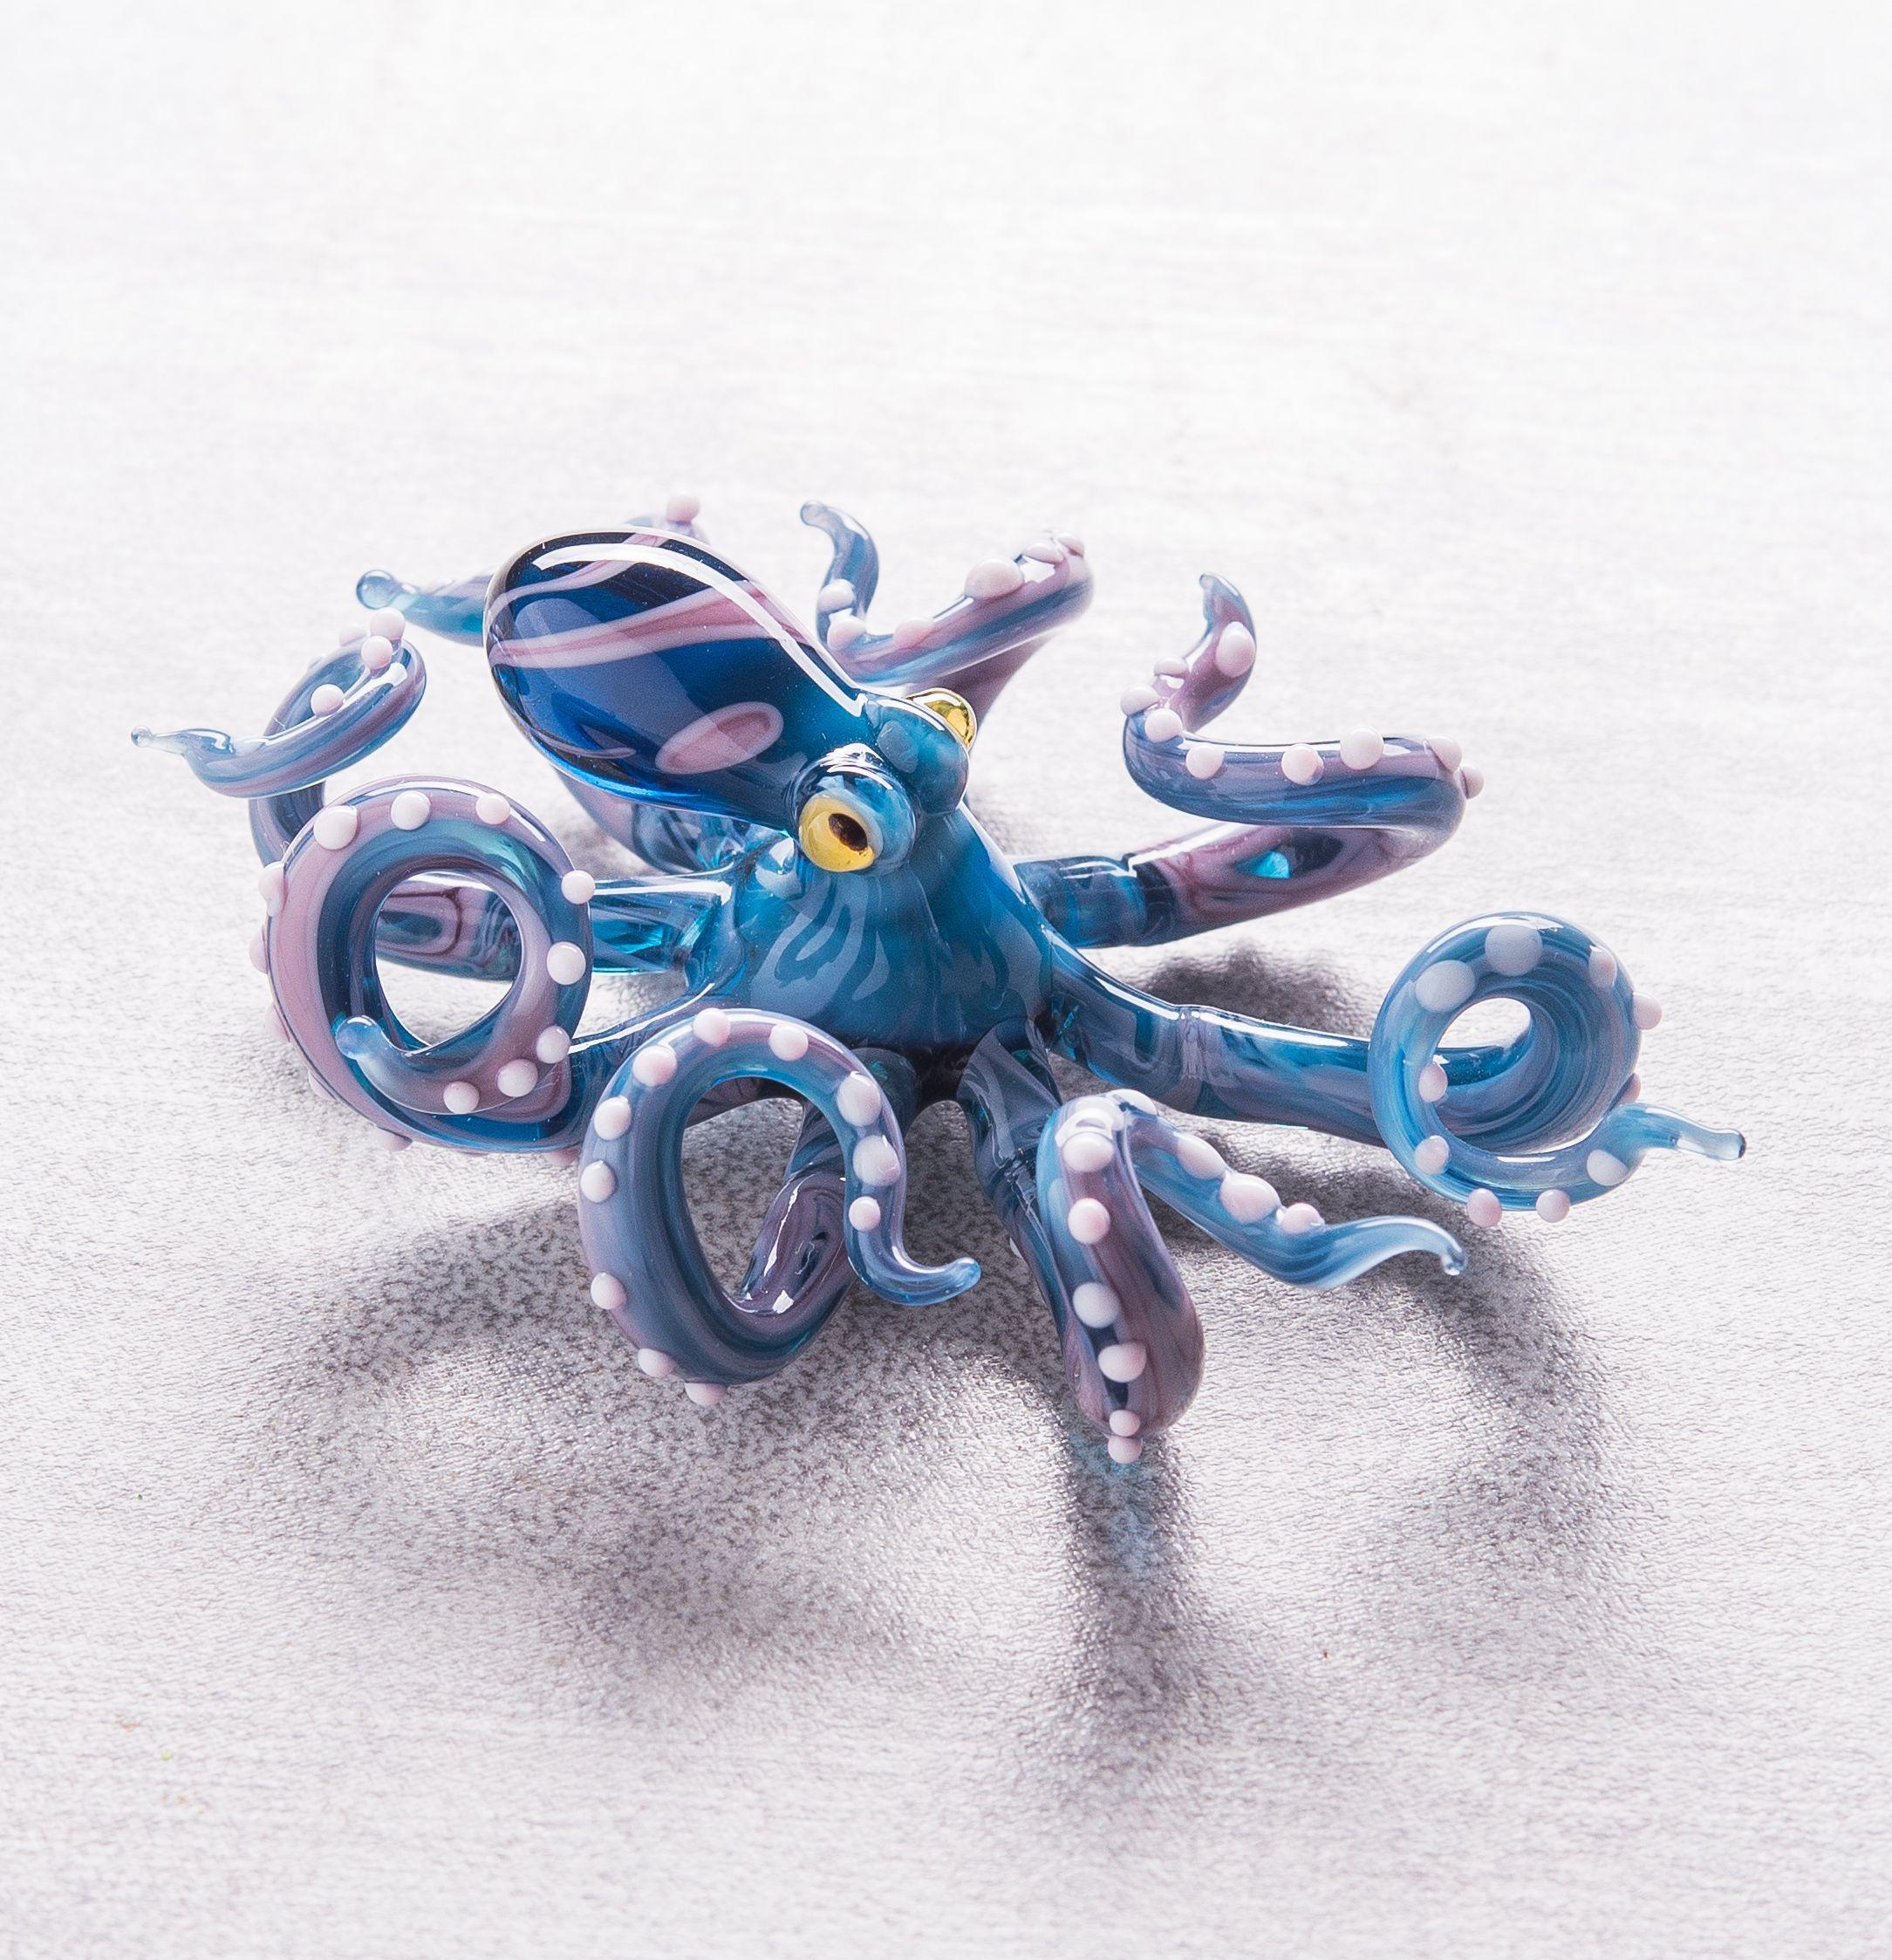 Glass Octopus Glass Blown Glass Octopus Blown Glass Octopus Octopus Sculpture Octopus Figurine Squid Cephalopod Ocean Kraken